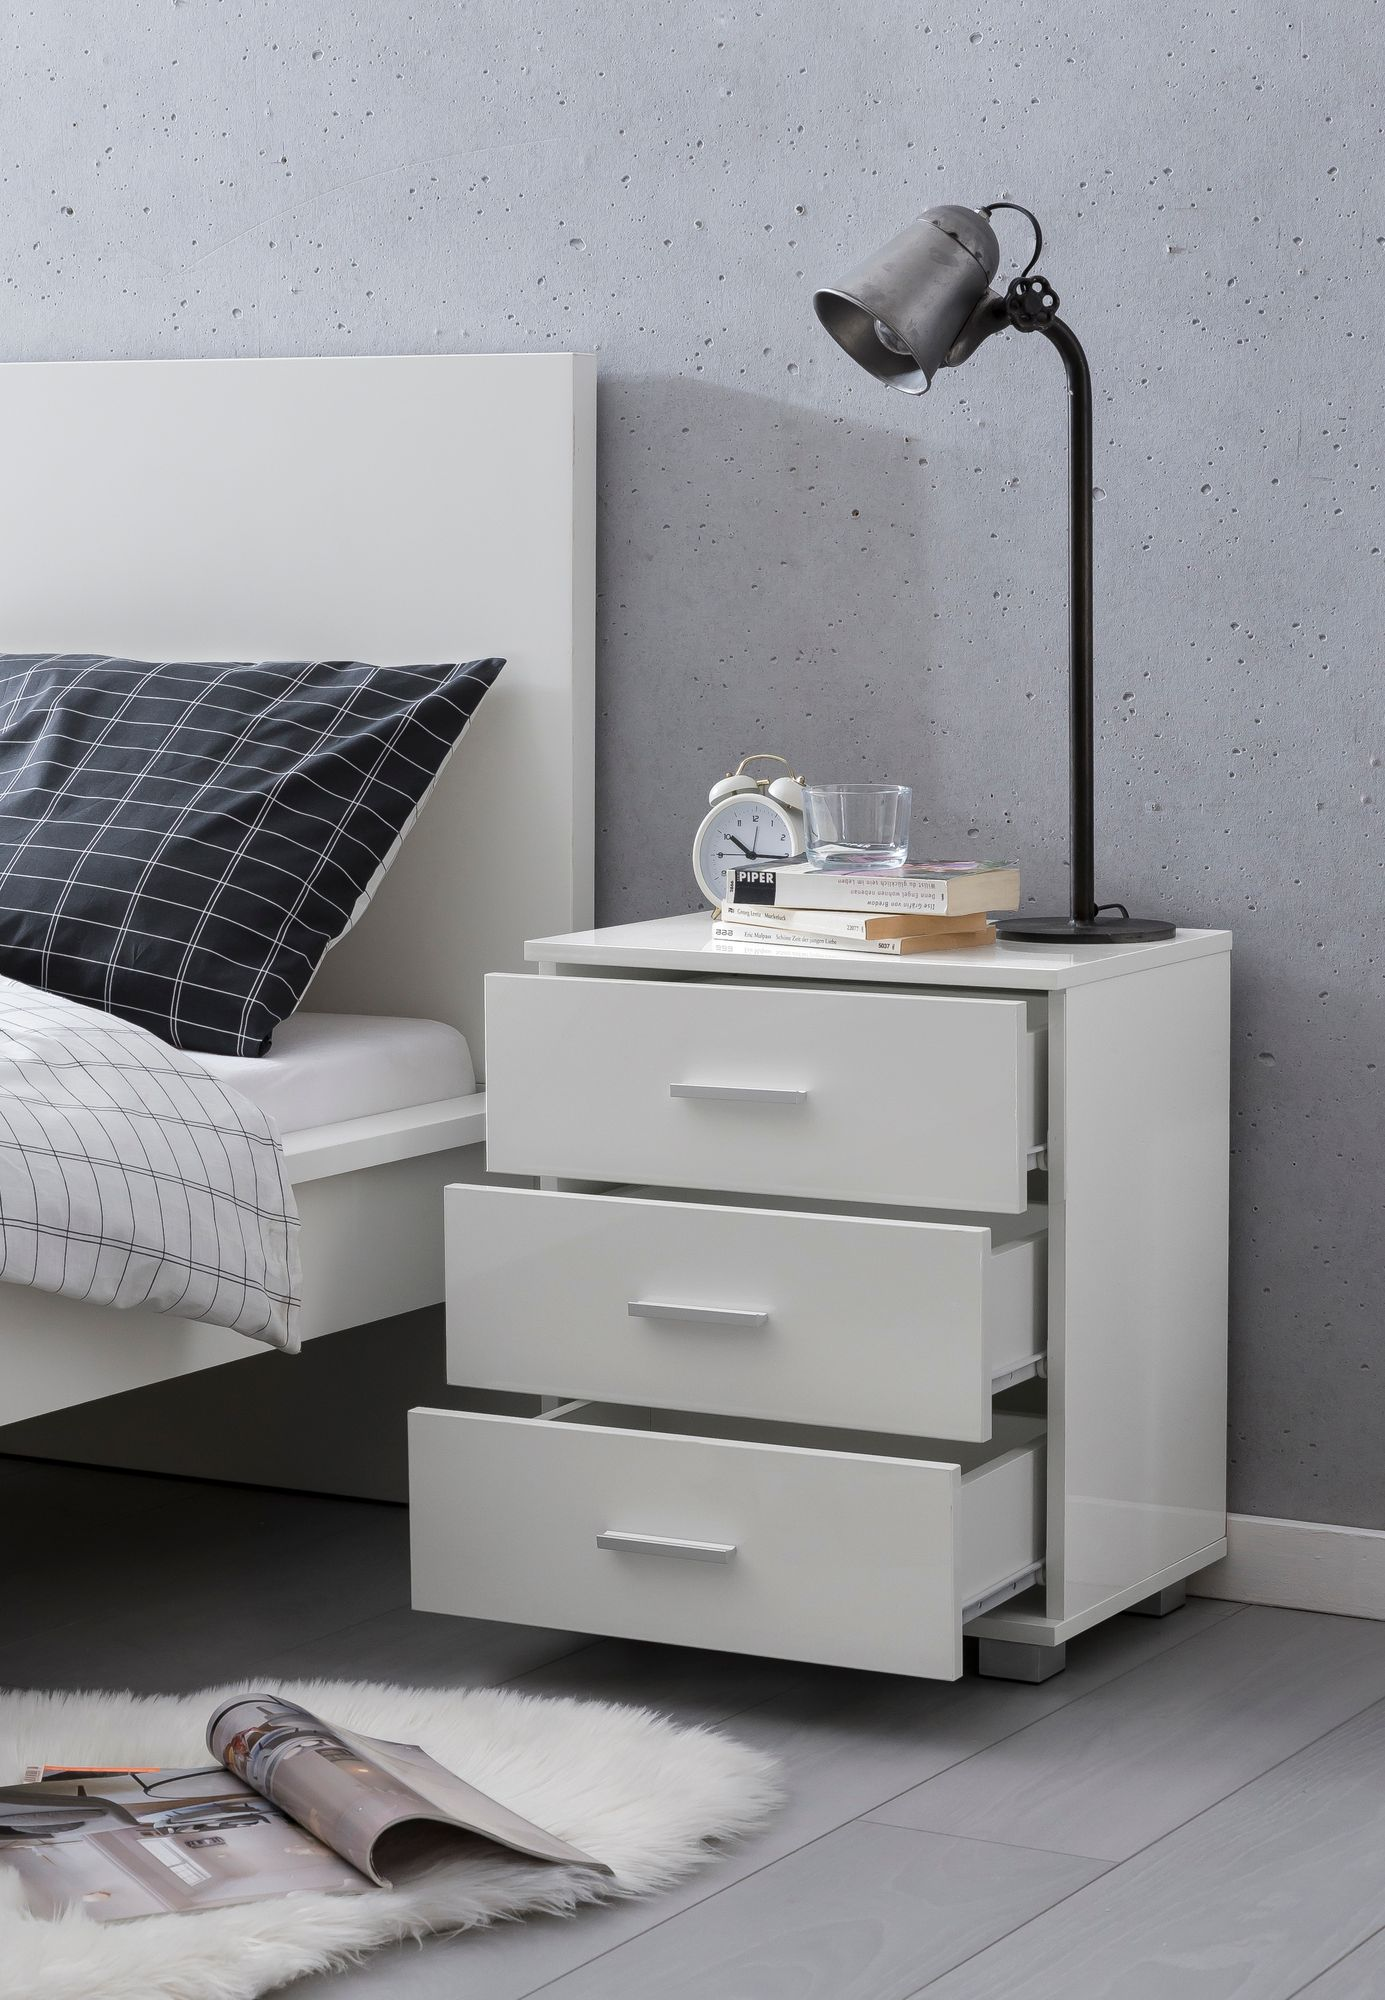 WOHNLING Design Nachtkonsole WL5 865 Weiß 45x54x34cm Holz Nachttisch Hochglanz Modernes Nachtkästchen mit Aufbewahrung